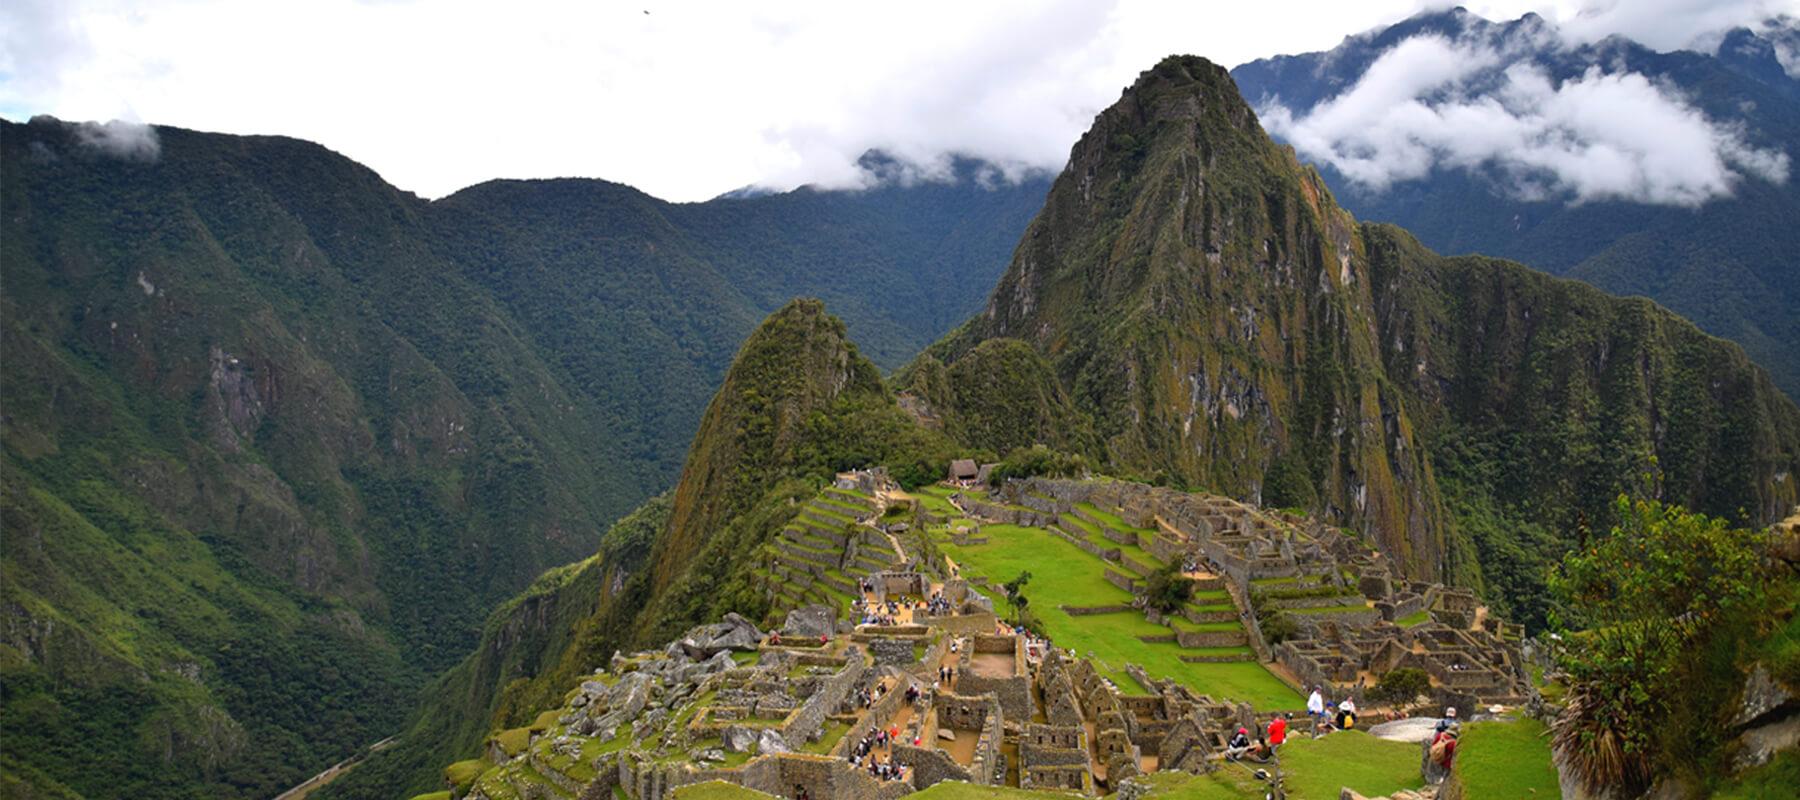 Comment aller au Machu Picchu pour pas cher?